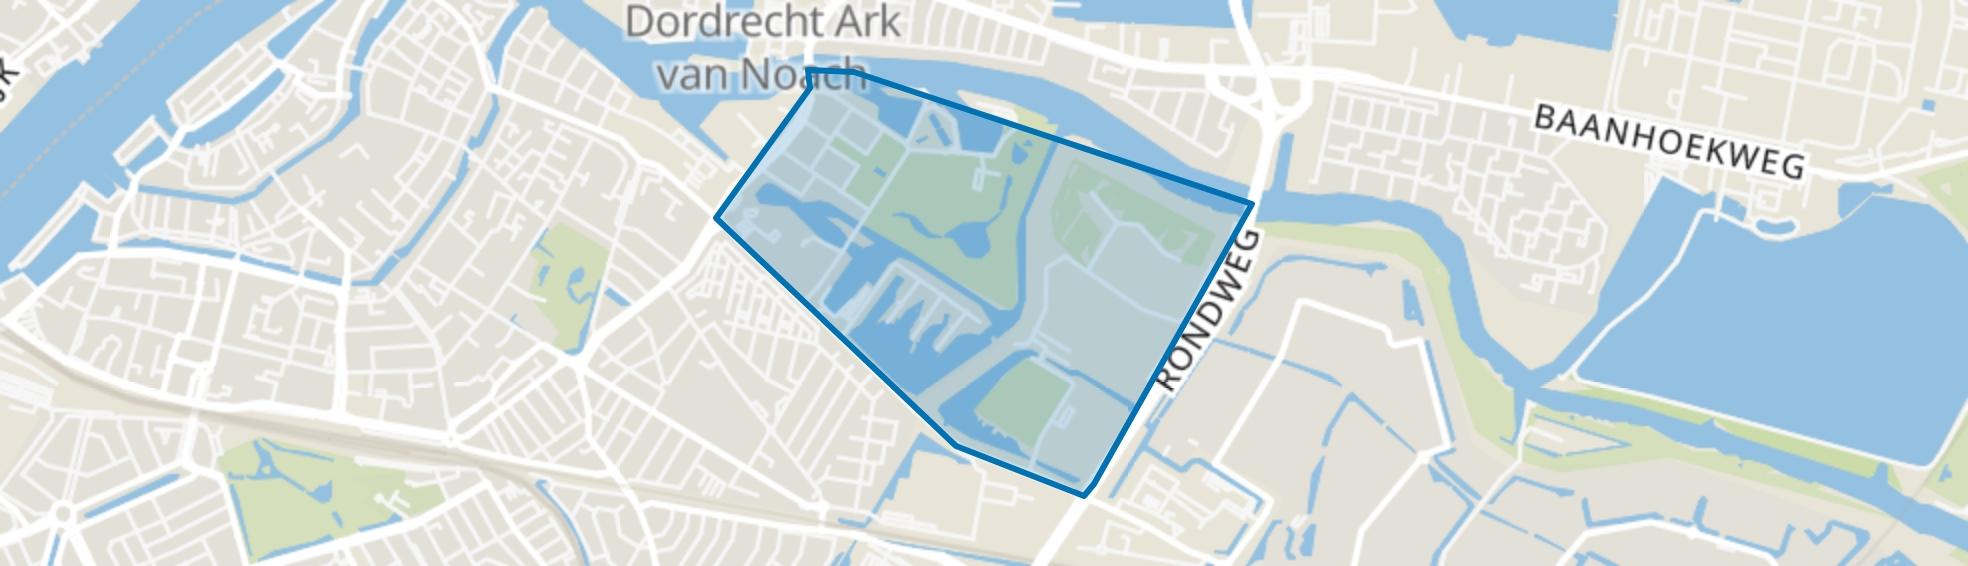 Wantijpark en omgeving, Dordrecht map